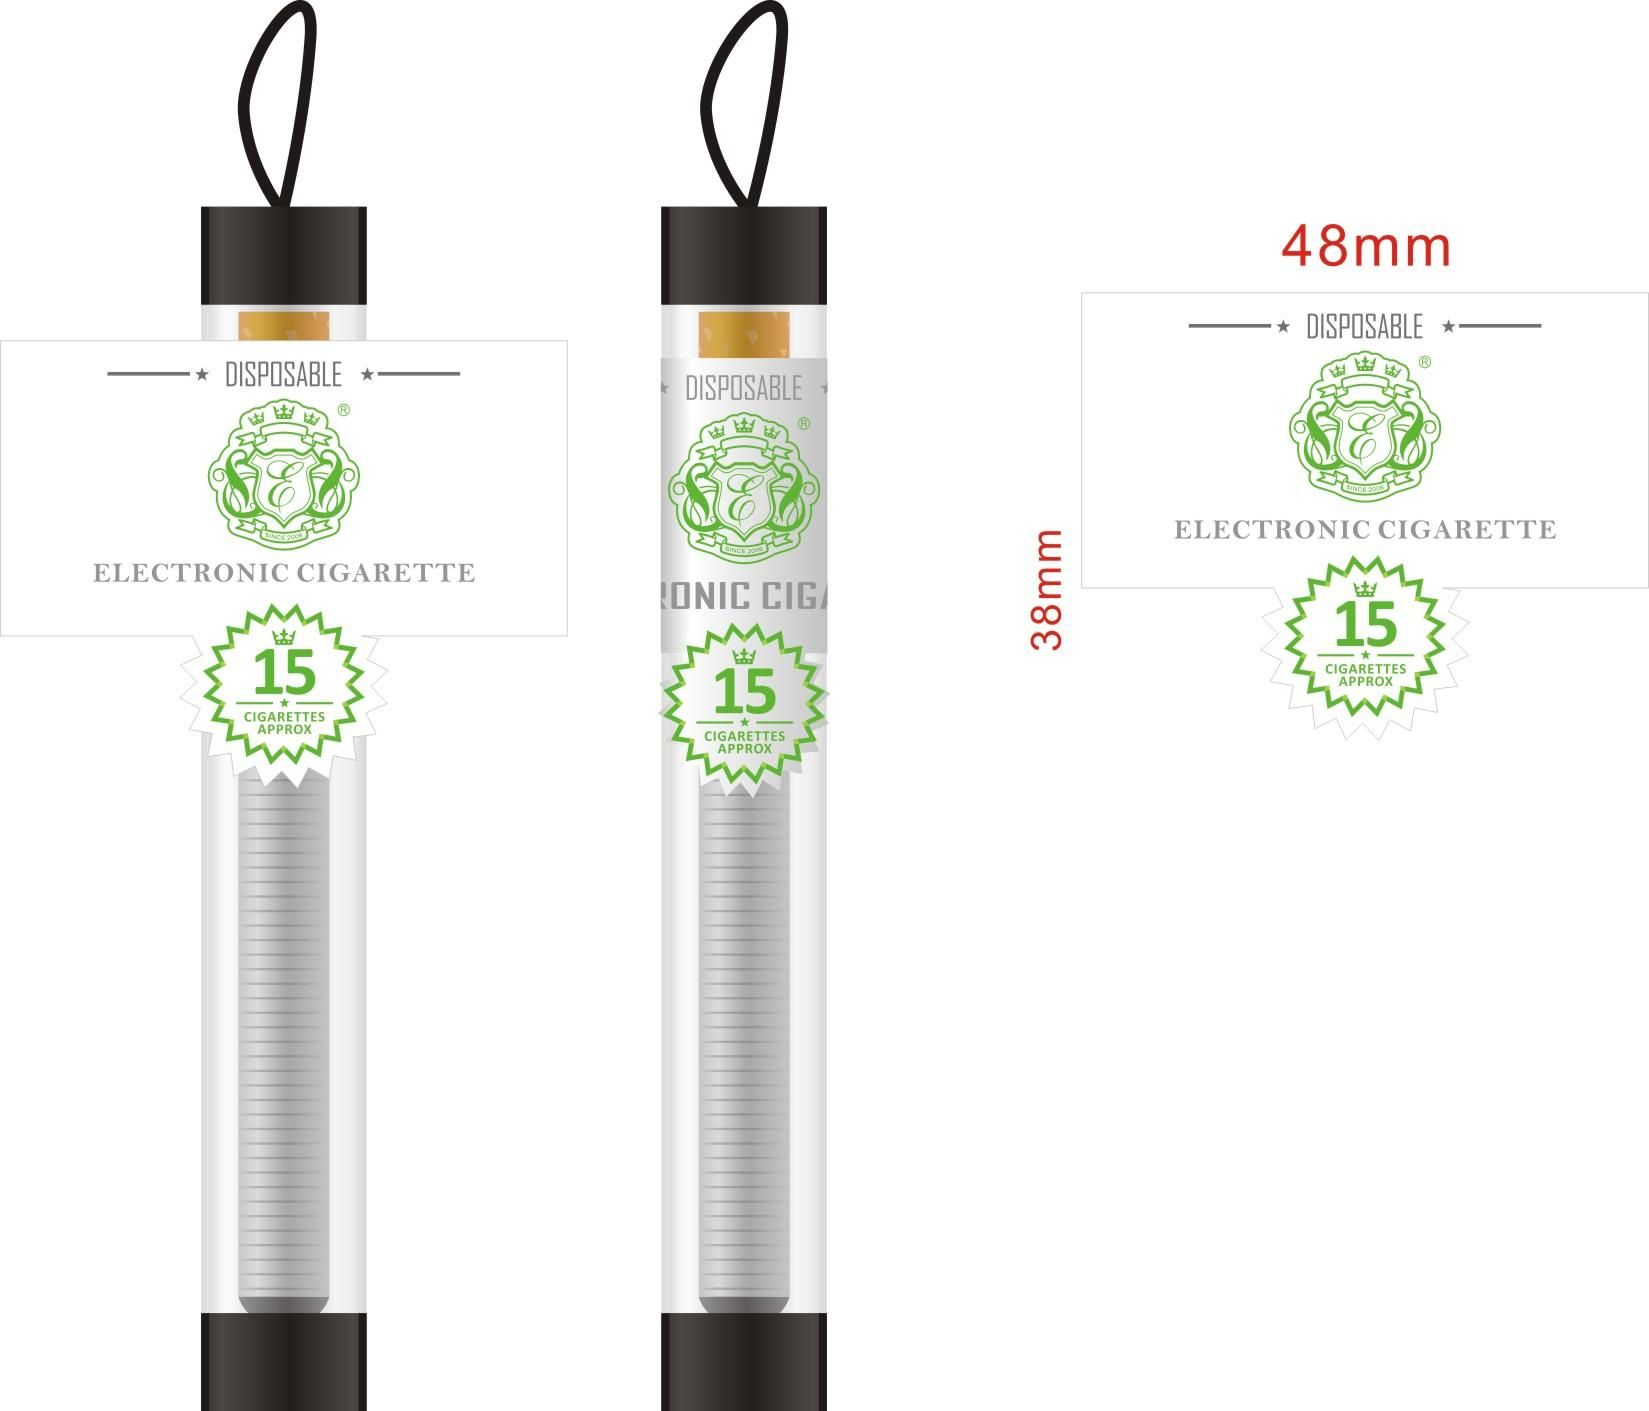 包装平面图 电子烟平面图 海报 企业组织结构图